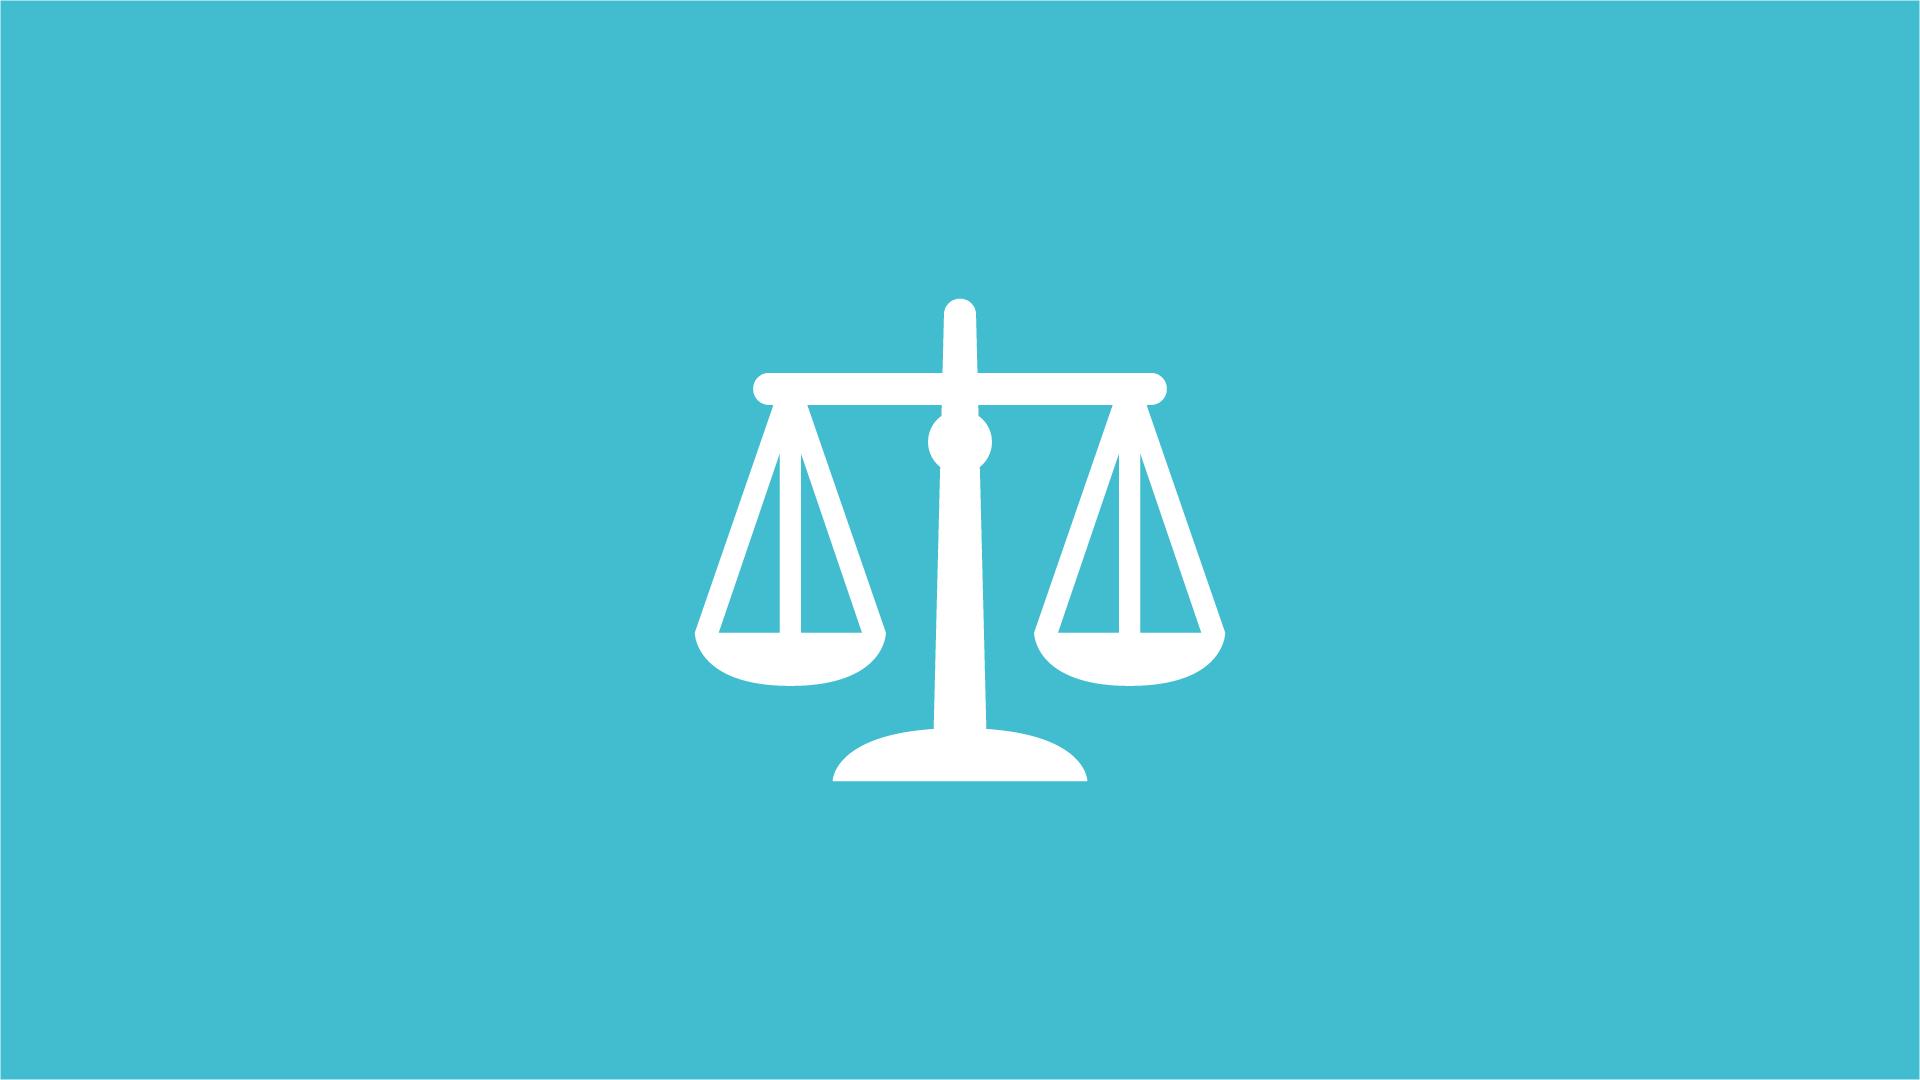 Comment Faire Respecter Le Droit A La Deconnexion En Saisissant Le